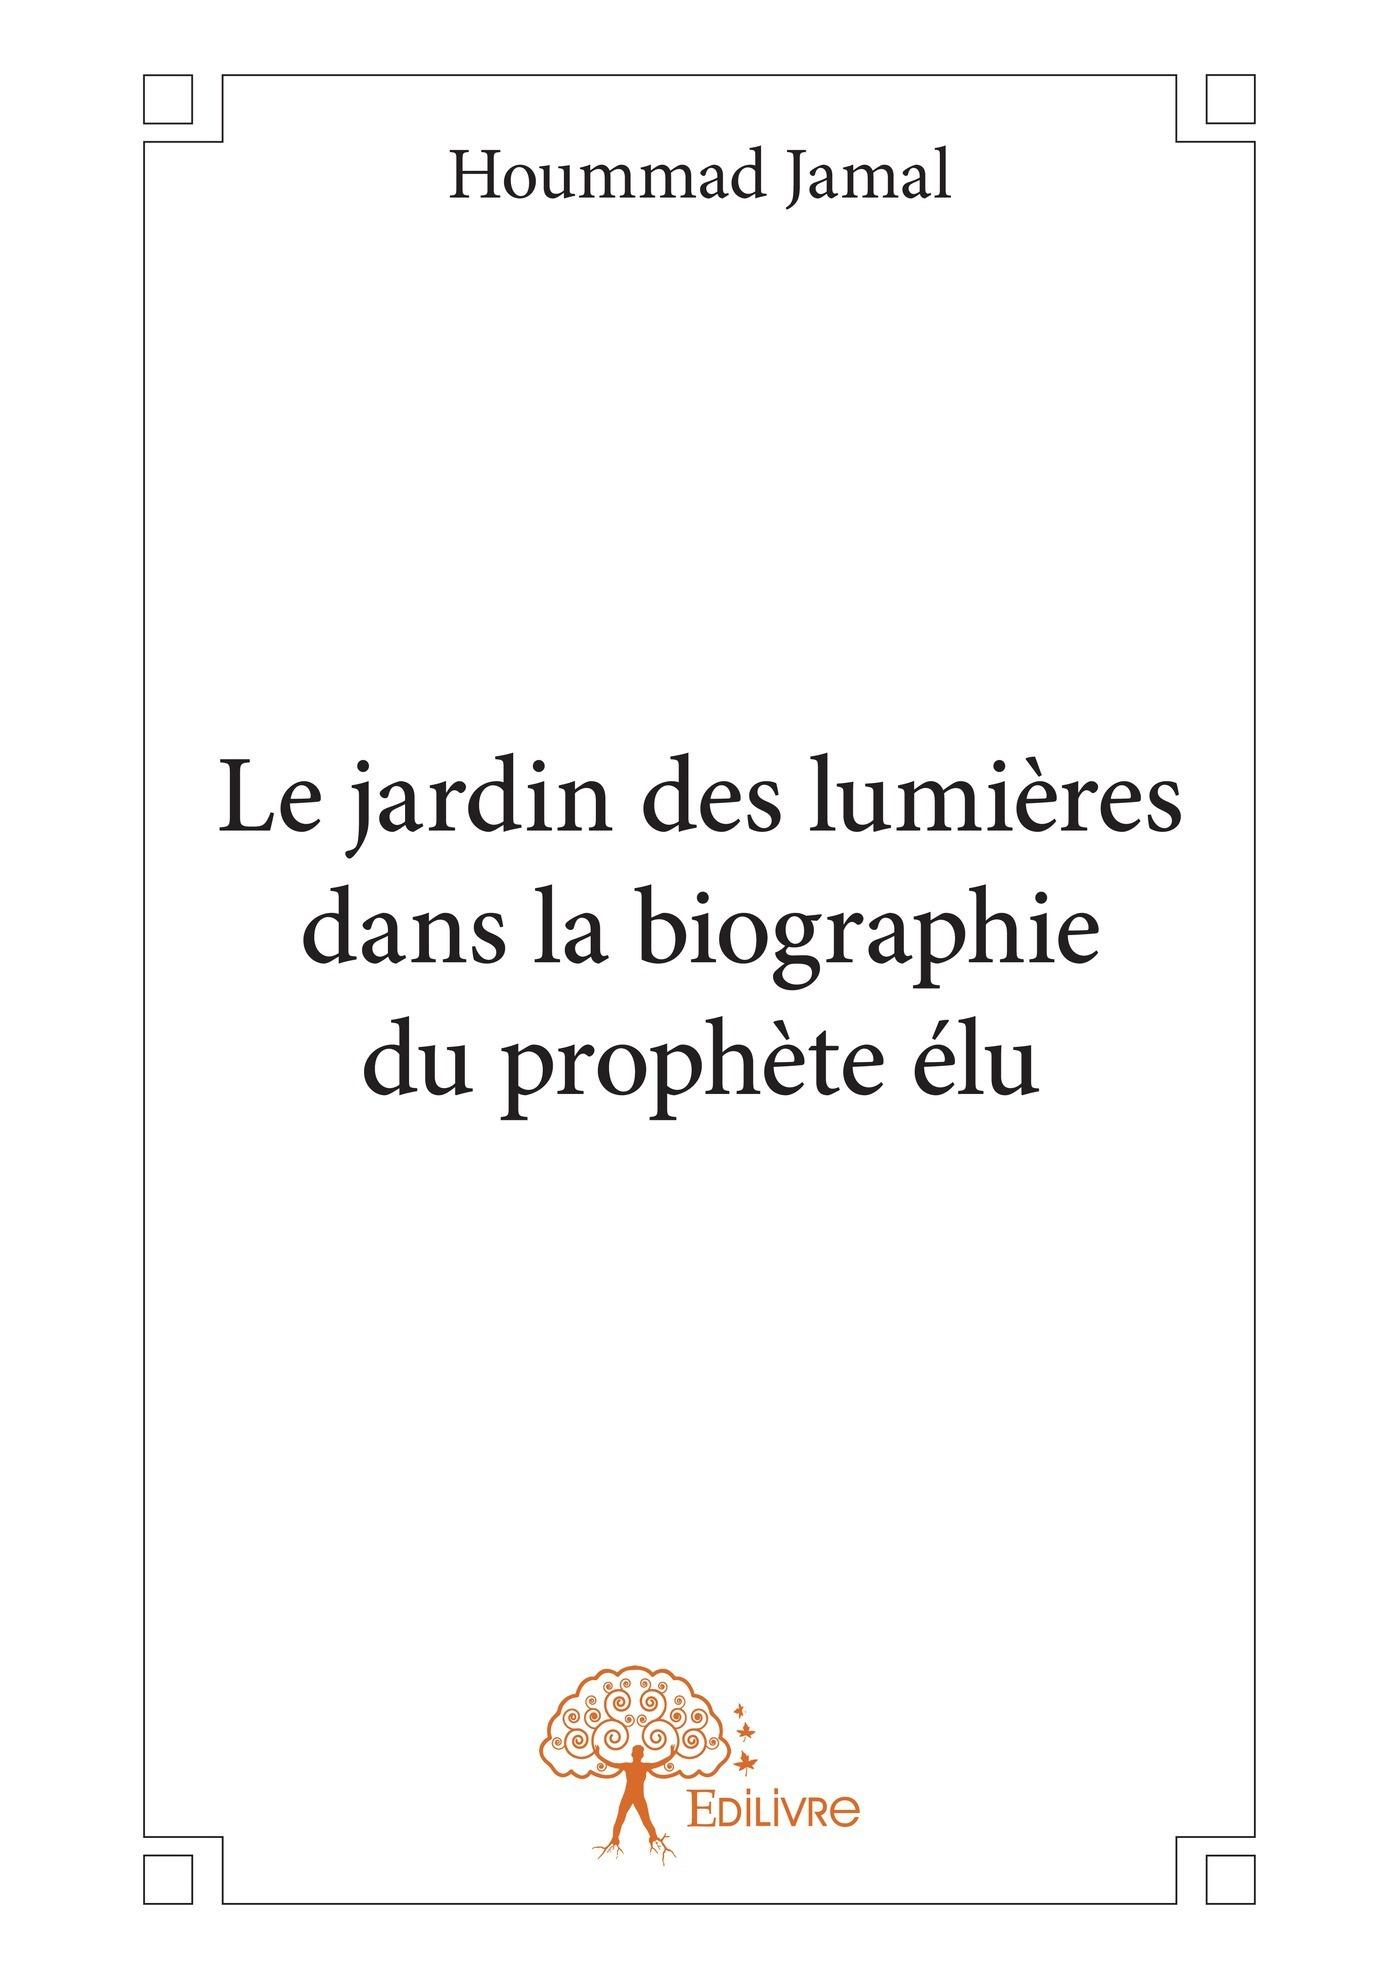 le jardin des lumières dans la biographie du prophète élu